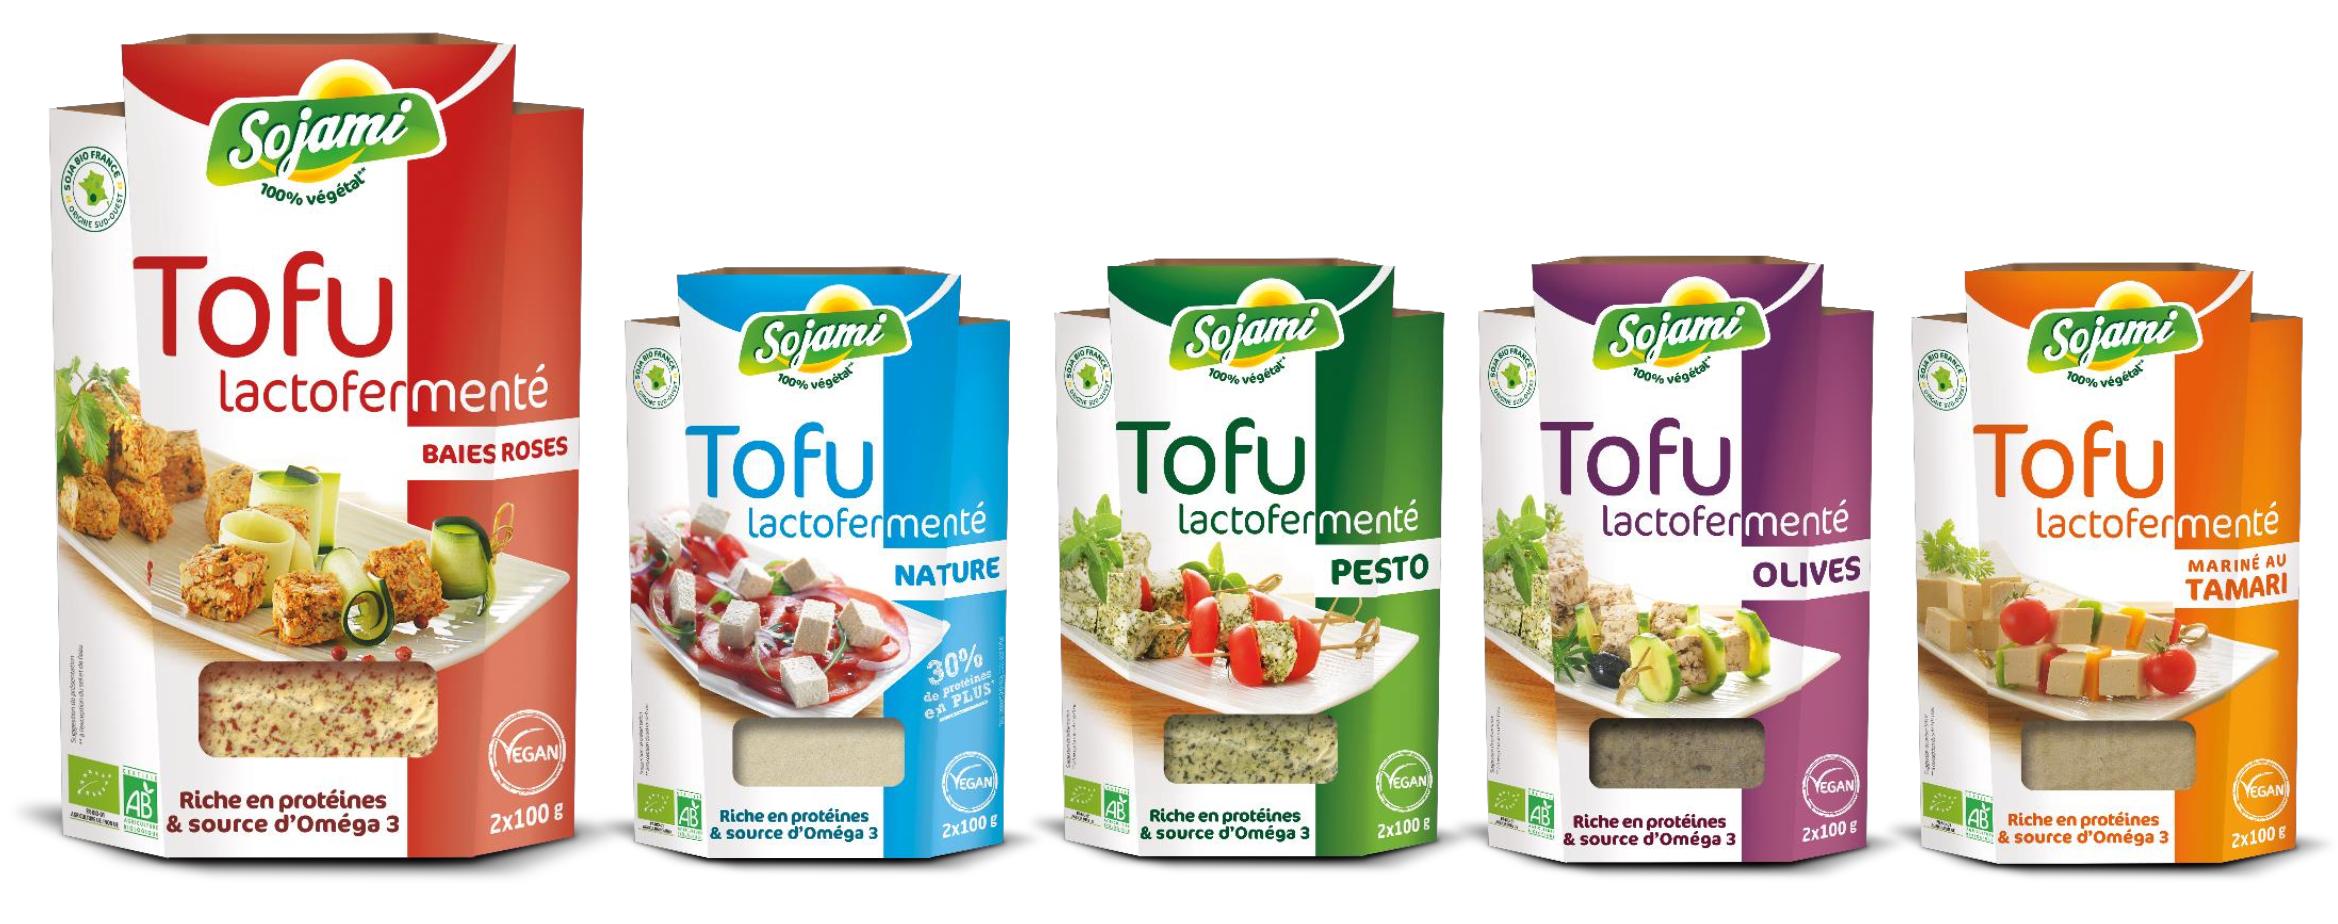 Capture d'écran 2019 12 18 à 08.27.31 - Sojami, des produits innvovants pour la transition alimentaire